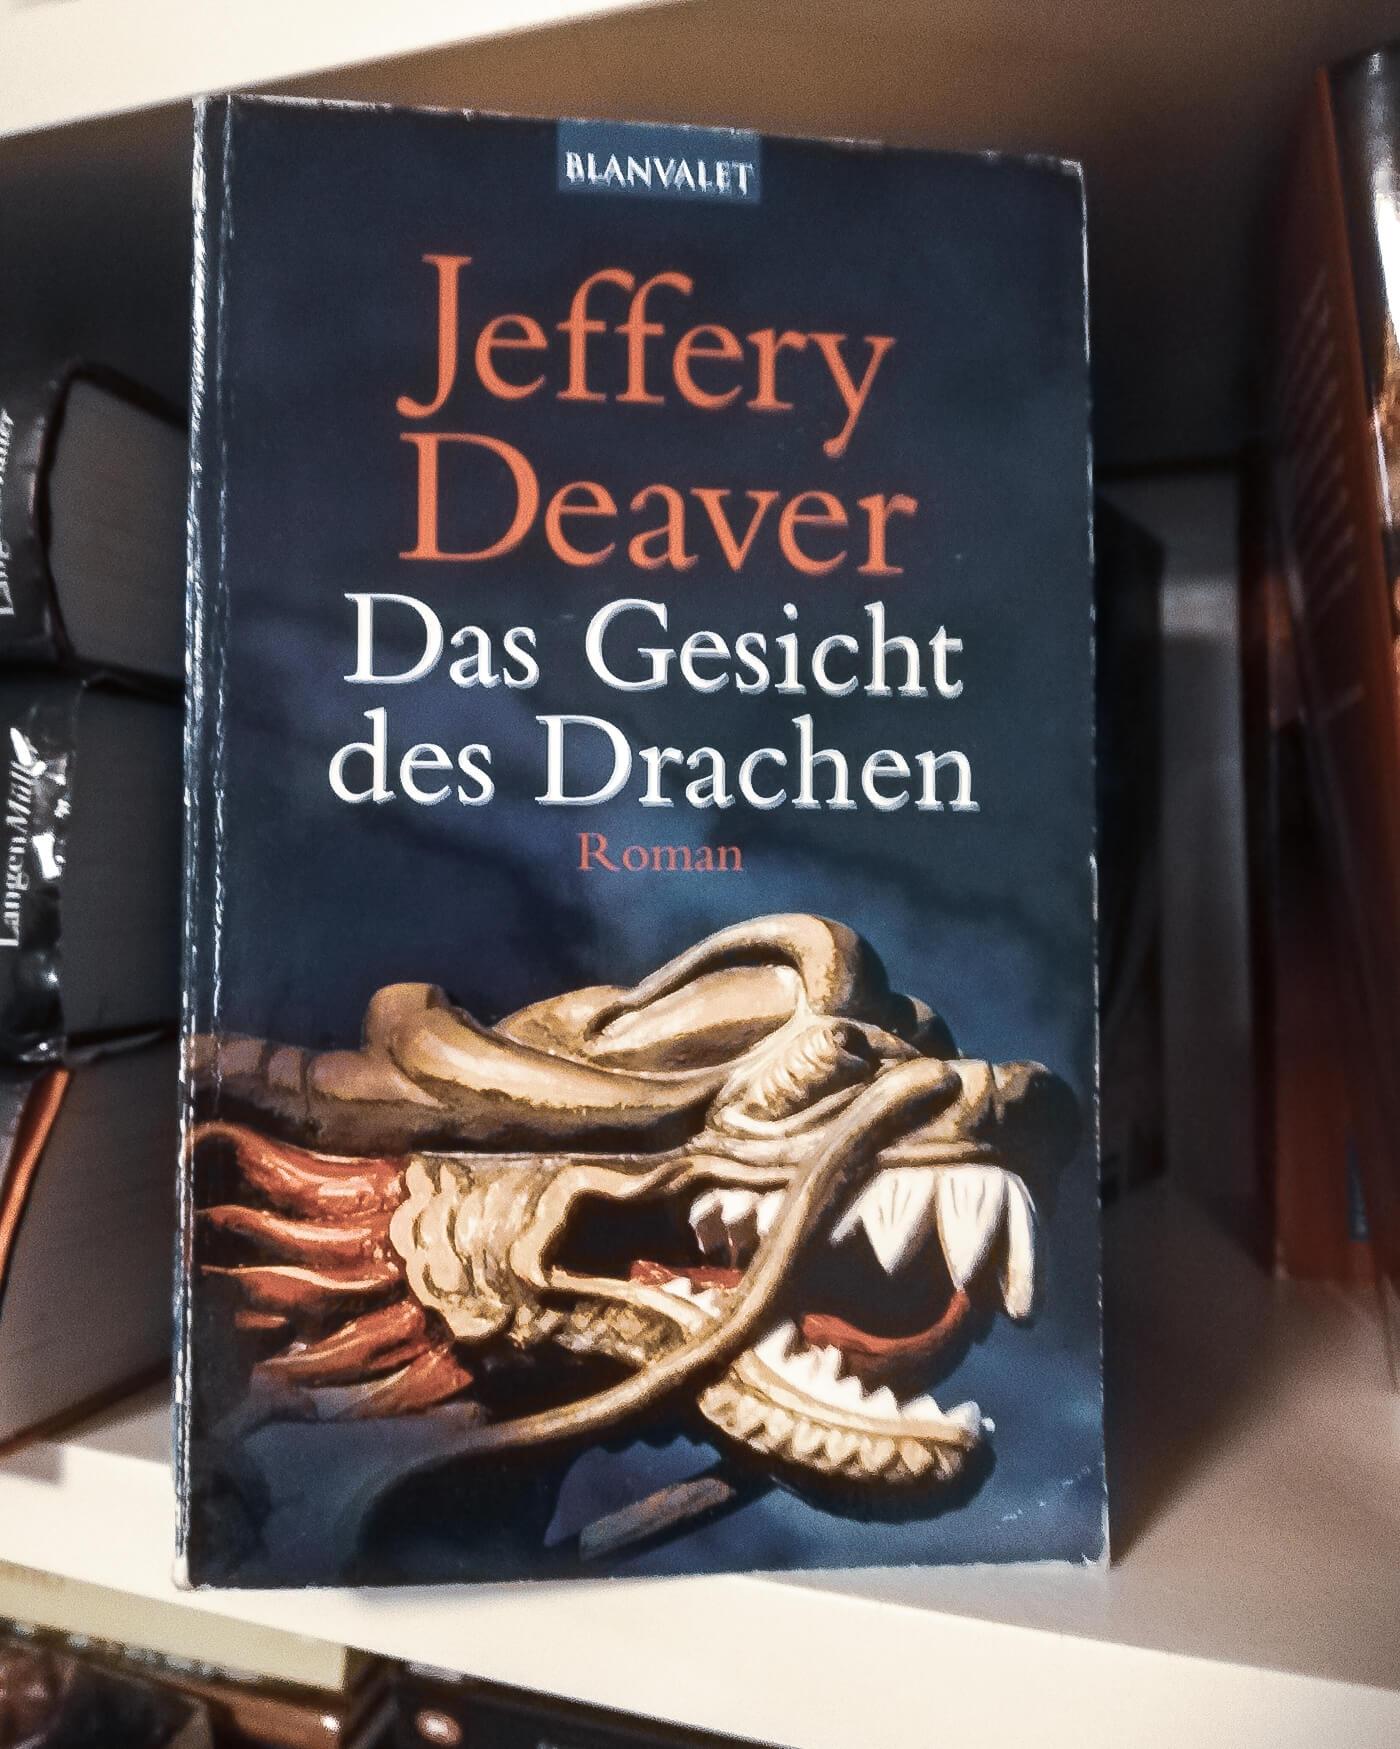 jeffery deaver das Gesicht des Drachen